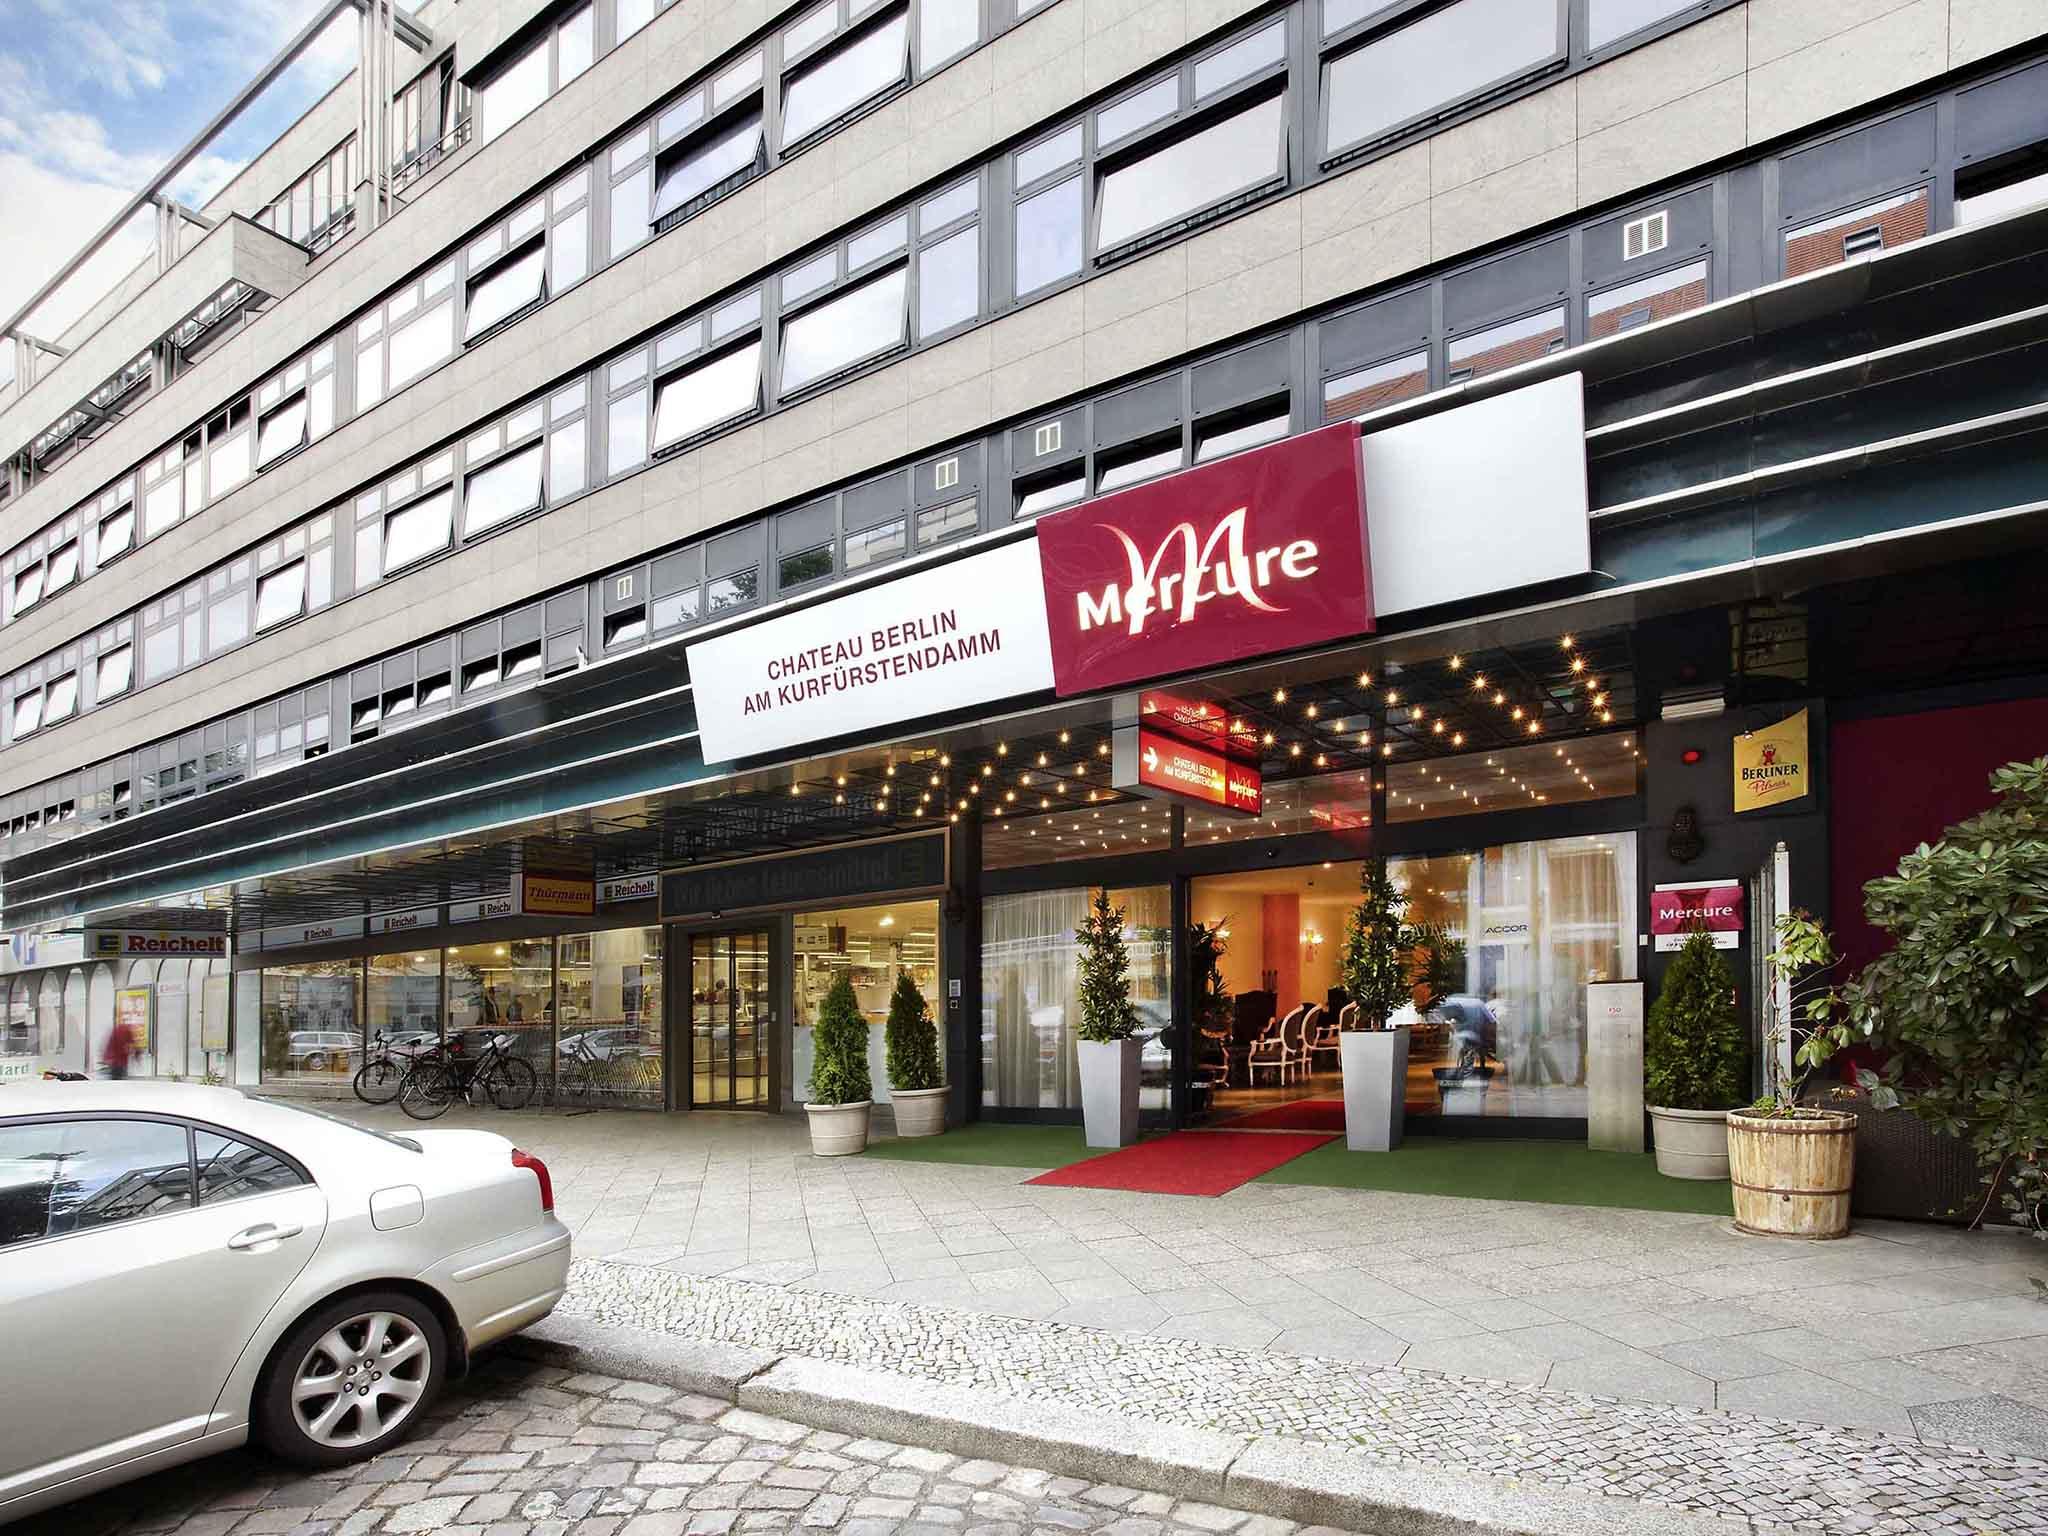 Hotel – Mercure Hotel Chateau Berlin am Kurfuerstendamm/otwarty 1.12.10